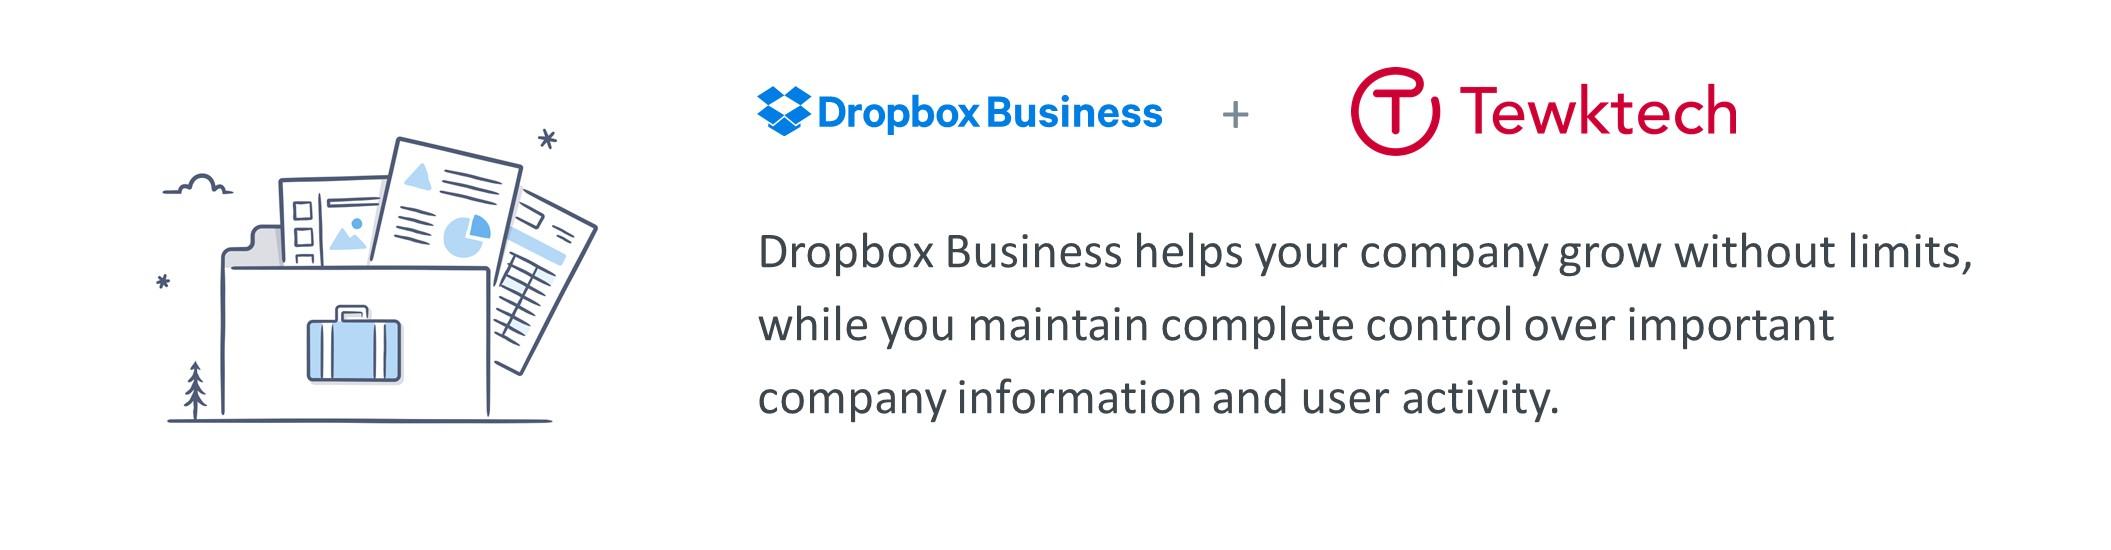 Dropbox Business from Tewktech Ltd